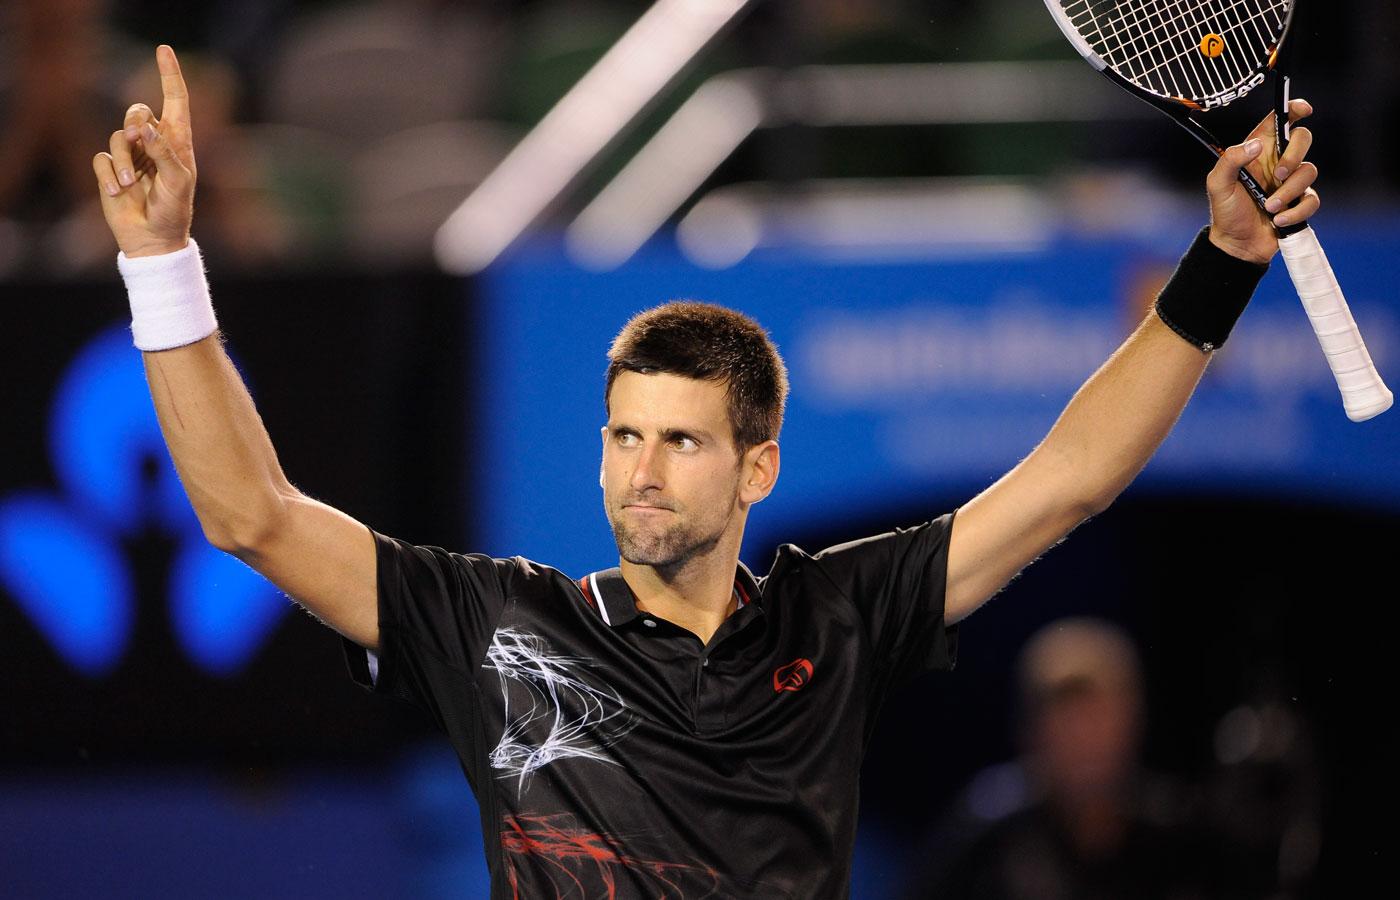 http://3.bp.blogspot.com/-jzlGBO6F-7o/T-v26DbxRqI/AAAAAAAAAOY/X9Ku_9kT_nE/s1600/23+Jan+-+Novak+Djokovic.jpg